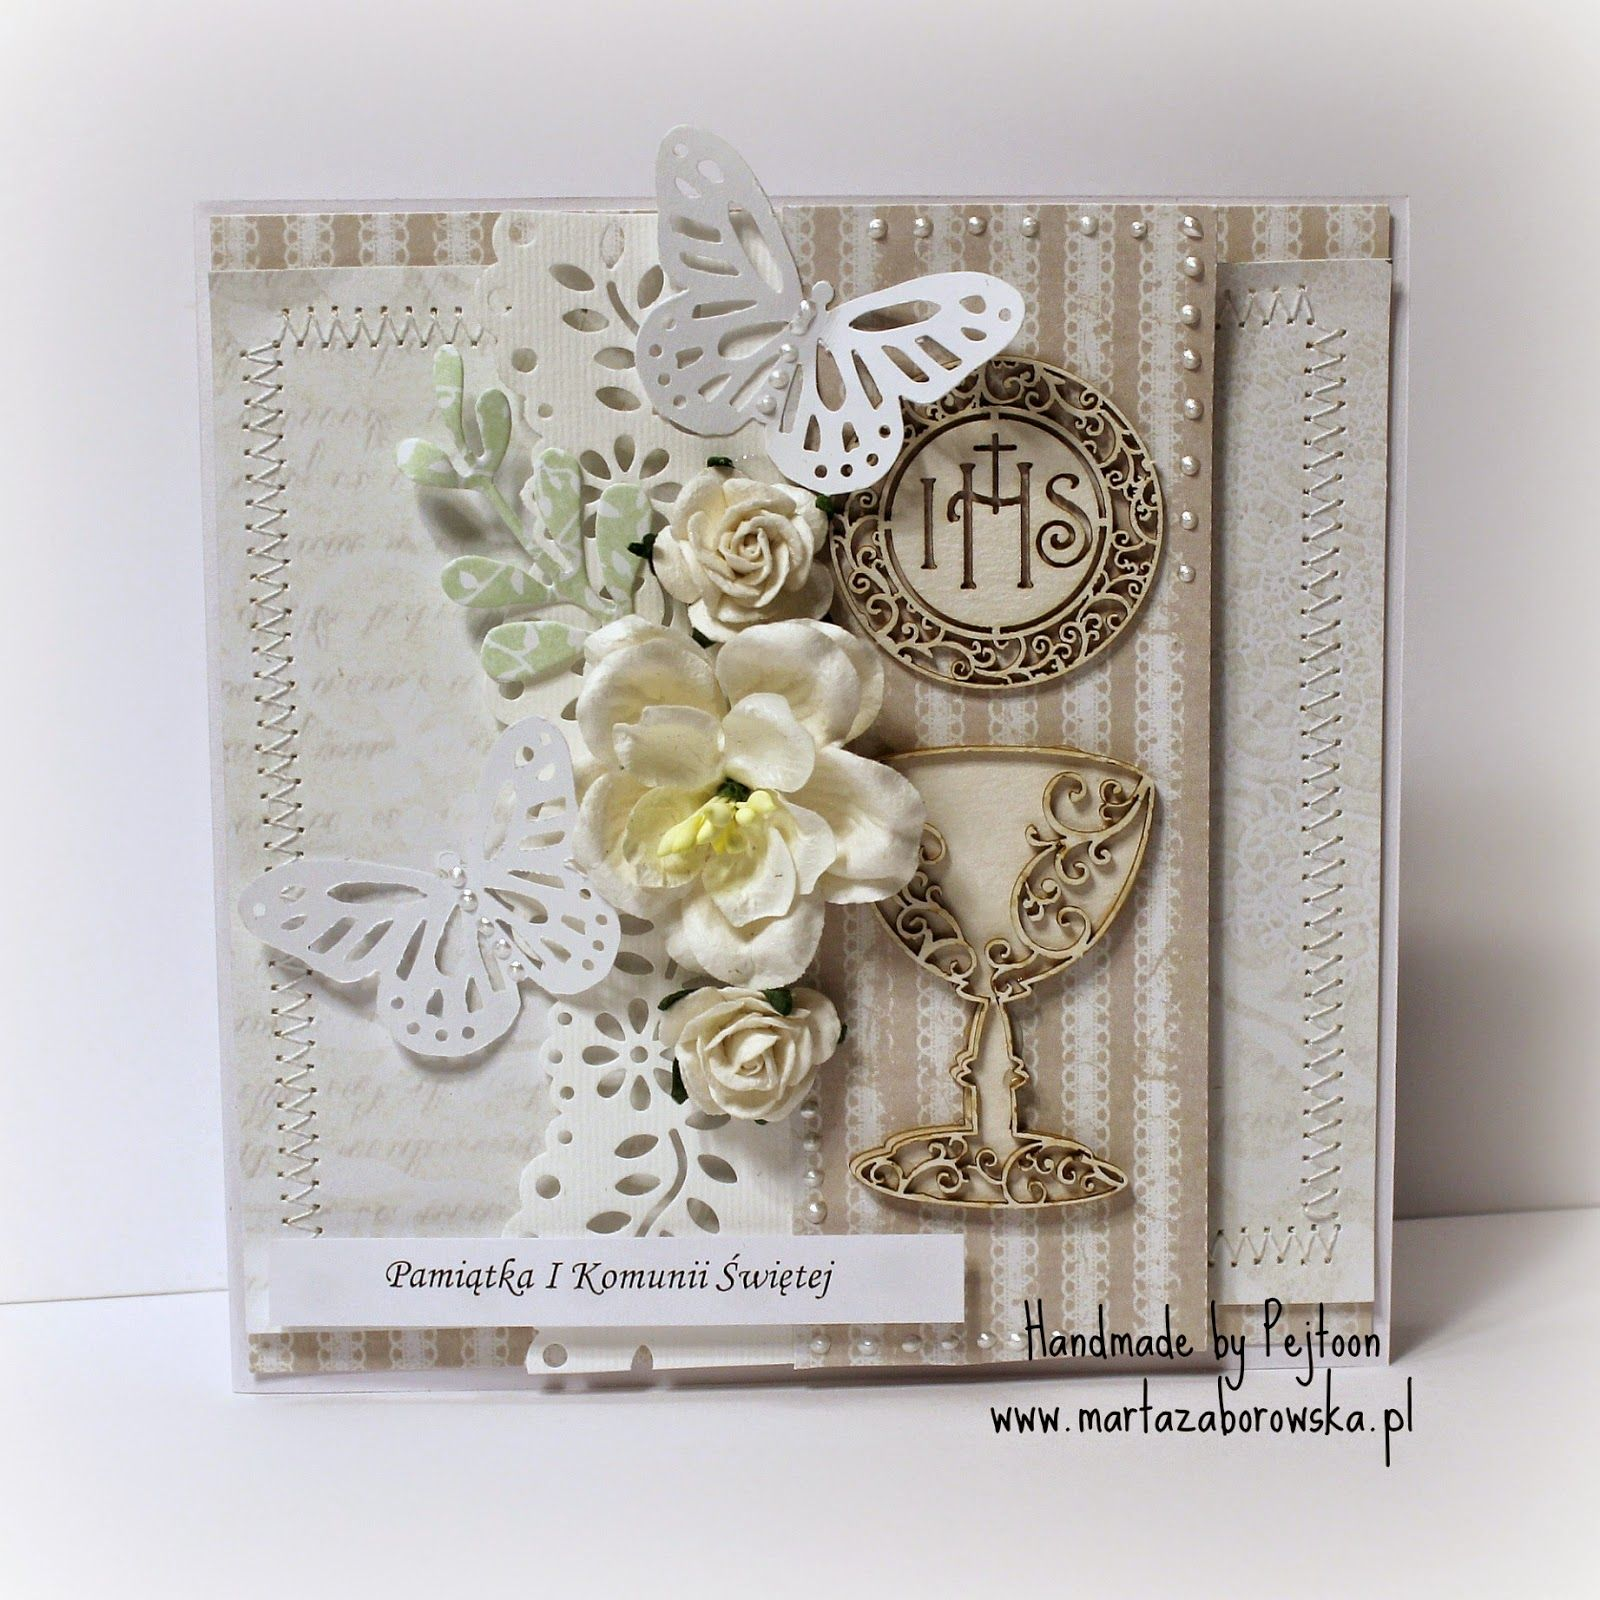 125 Pamiatka Pierwszej Komunii Swietej Handmade Cards Book Cover